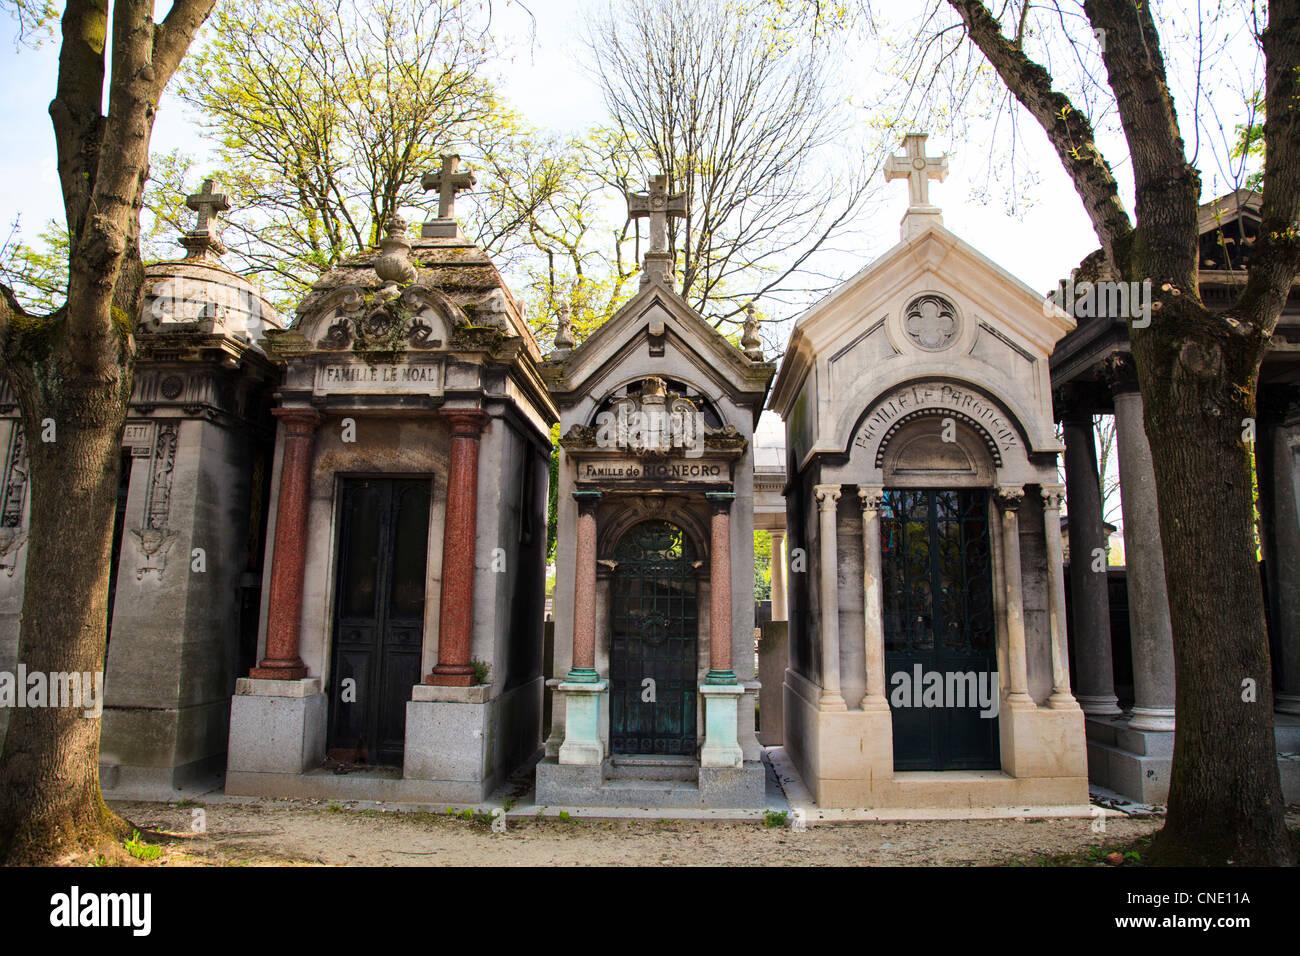 Graves in Père Lachaise Cemetery, Paris - Stock Image